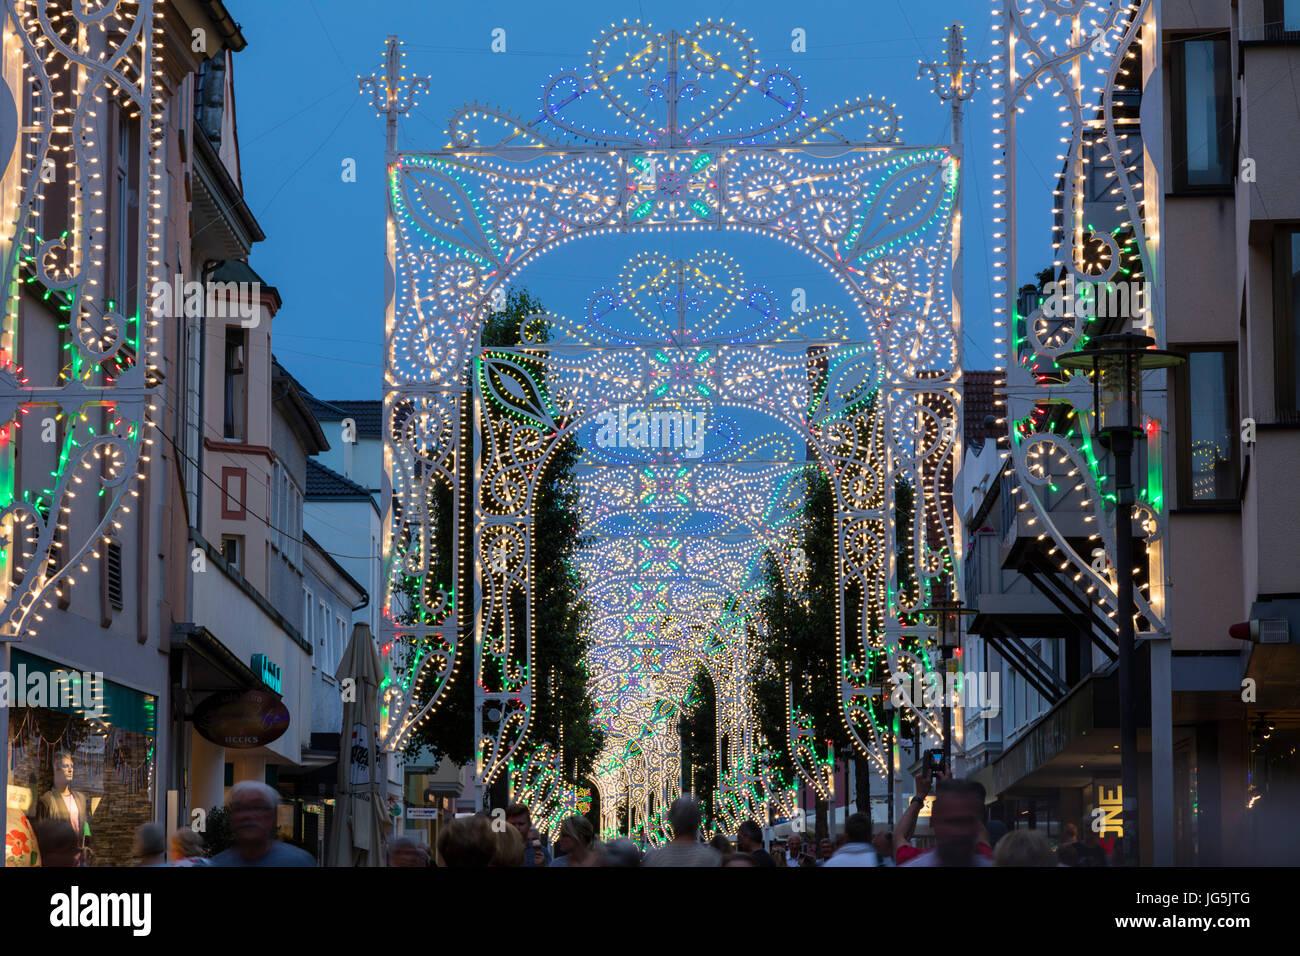 Archi di luce nella zona pedonale, Italiano Festa Festa Italiana, Unna, zona della Ruhr, Nord Reno-Westfalia, Germania Foto Stock